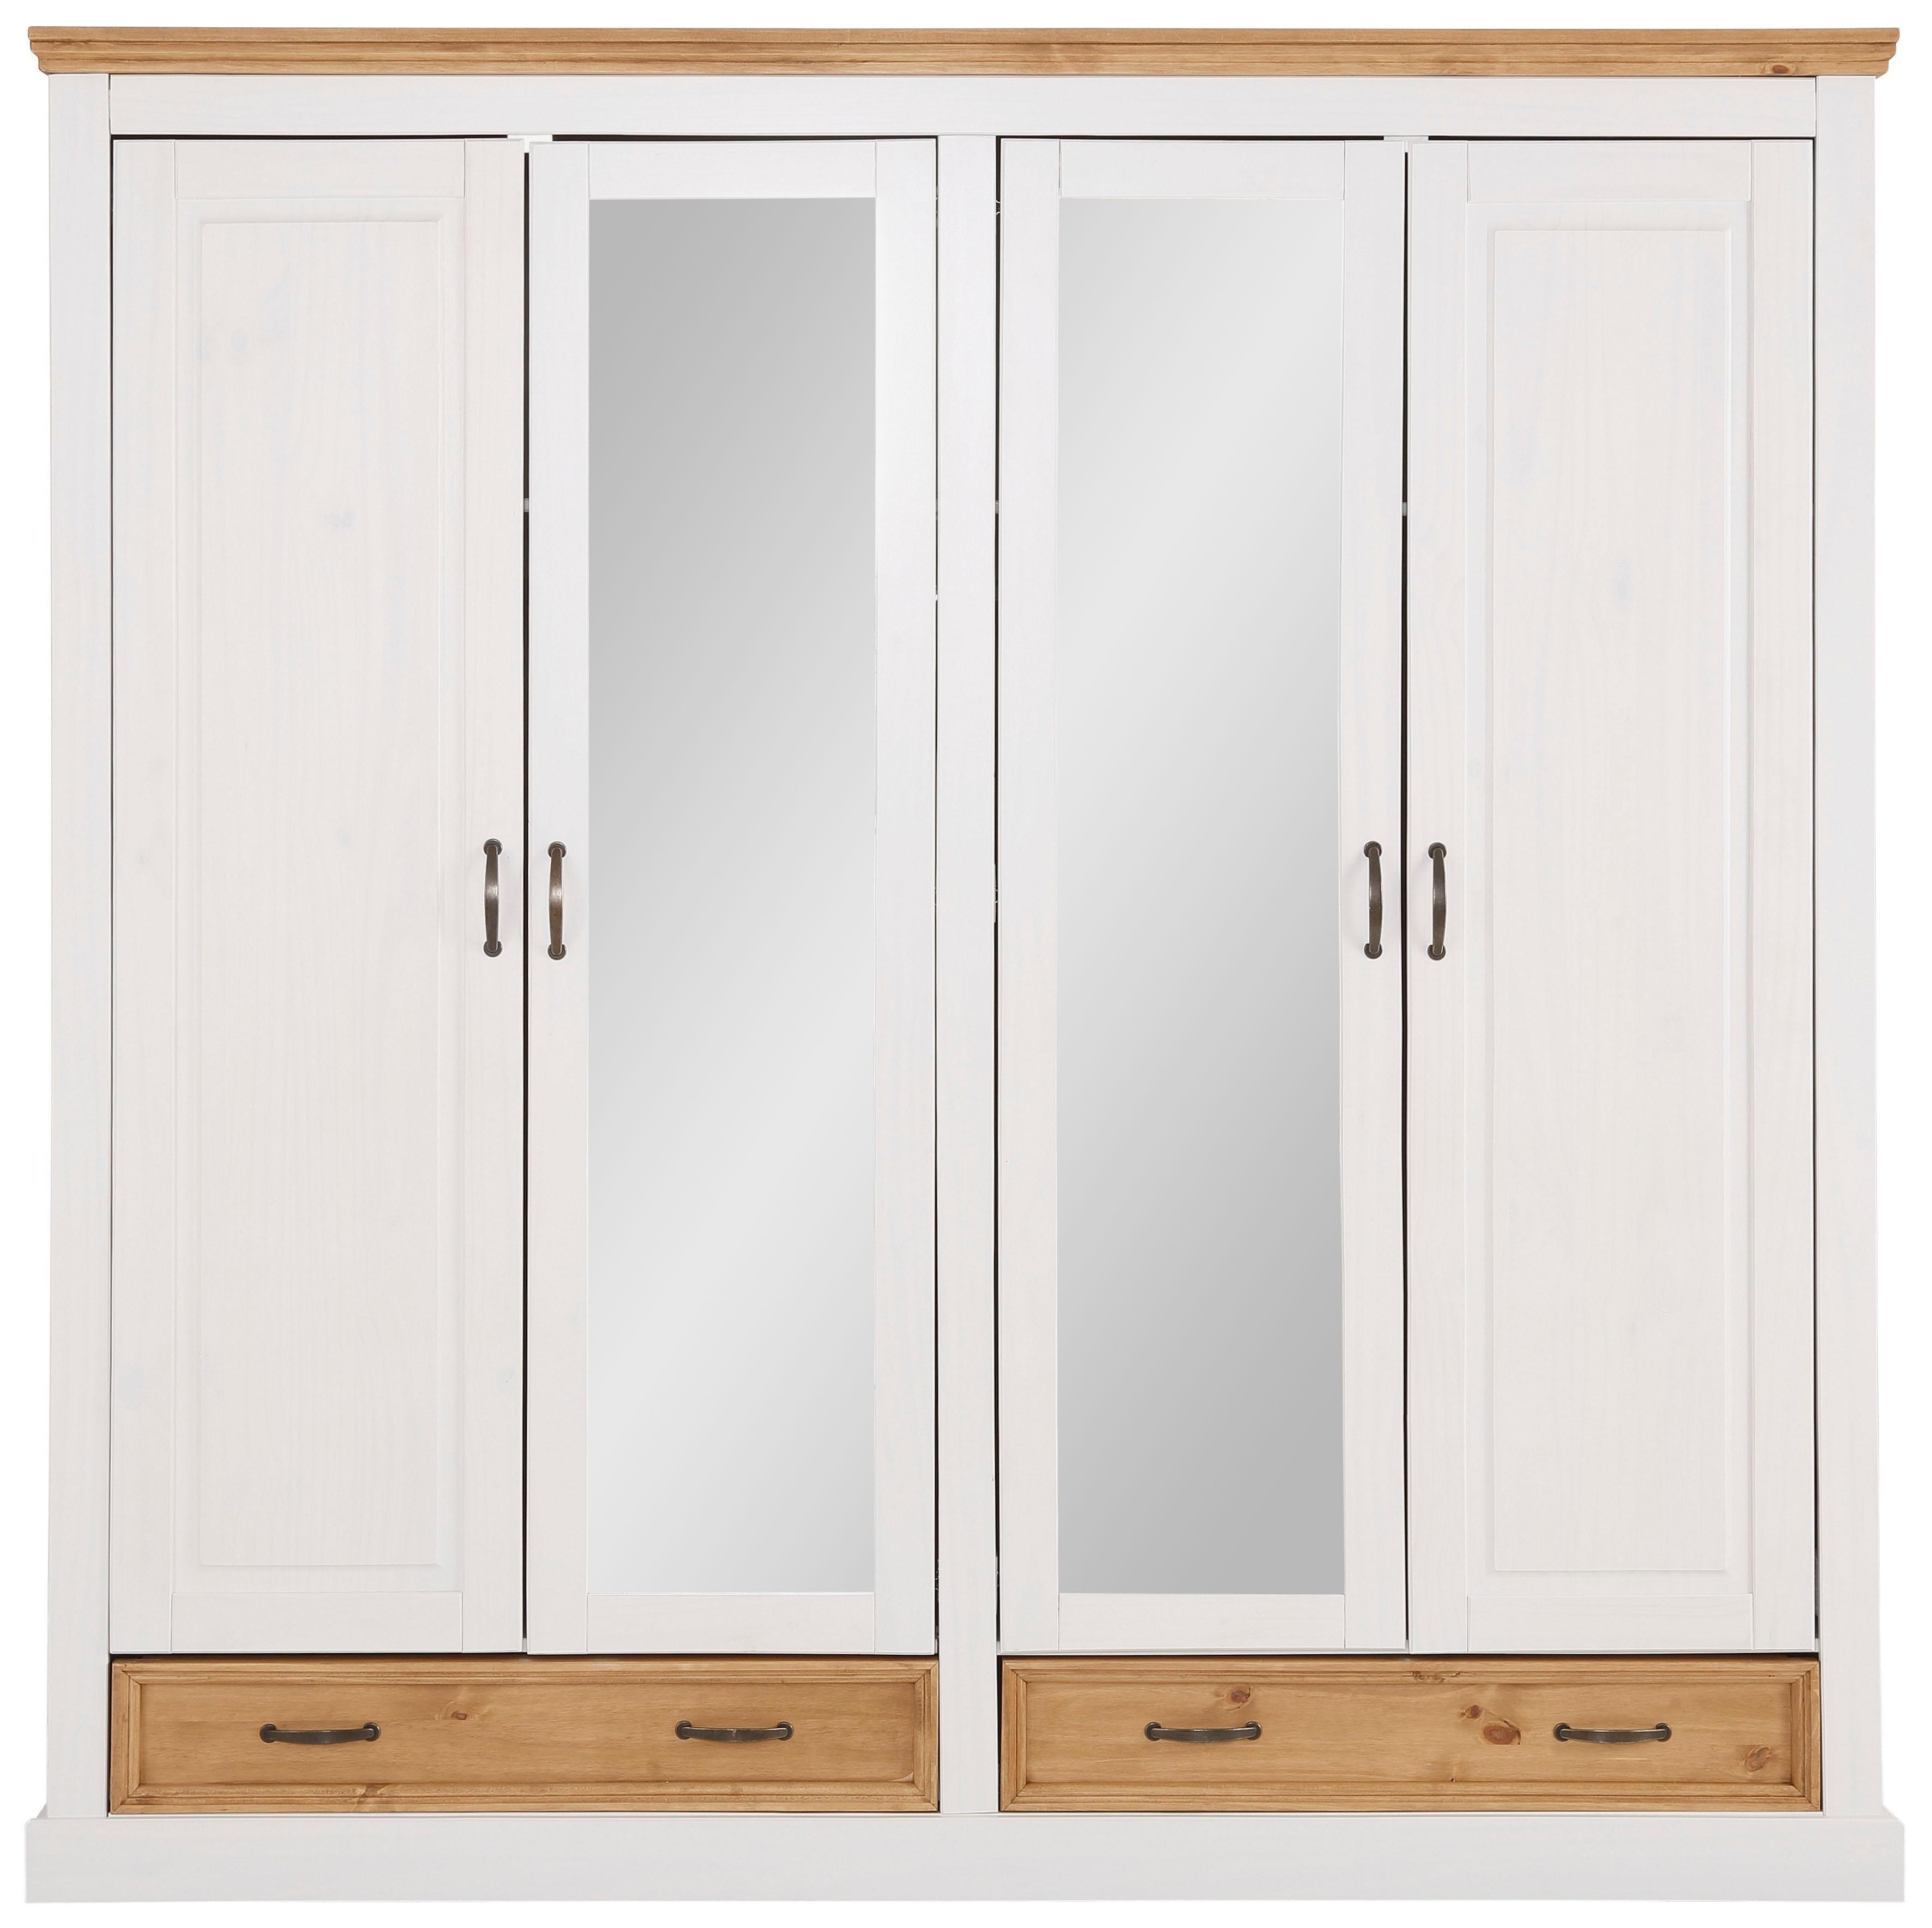 Home Affaire 4-türiger Kleiderschrank »Selma« für das Schlafzimmer, aus massiven Holz, Höhe 190 cm | Schlafzimmer > Kleiderschränke > Drehtürenschränke | Home affaire